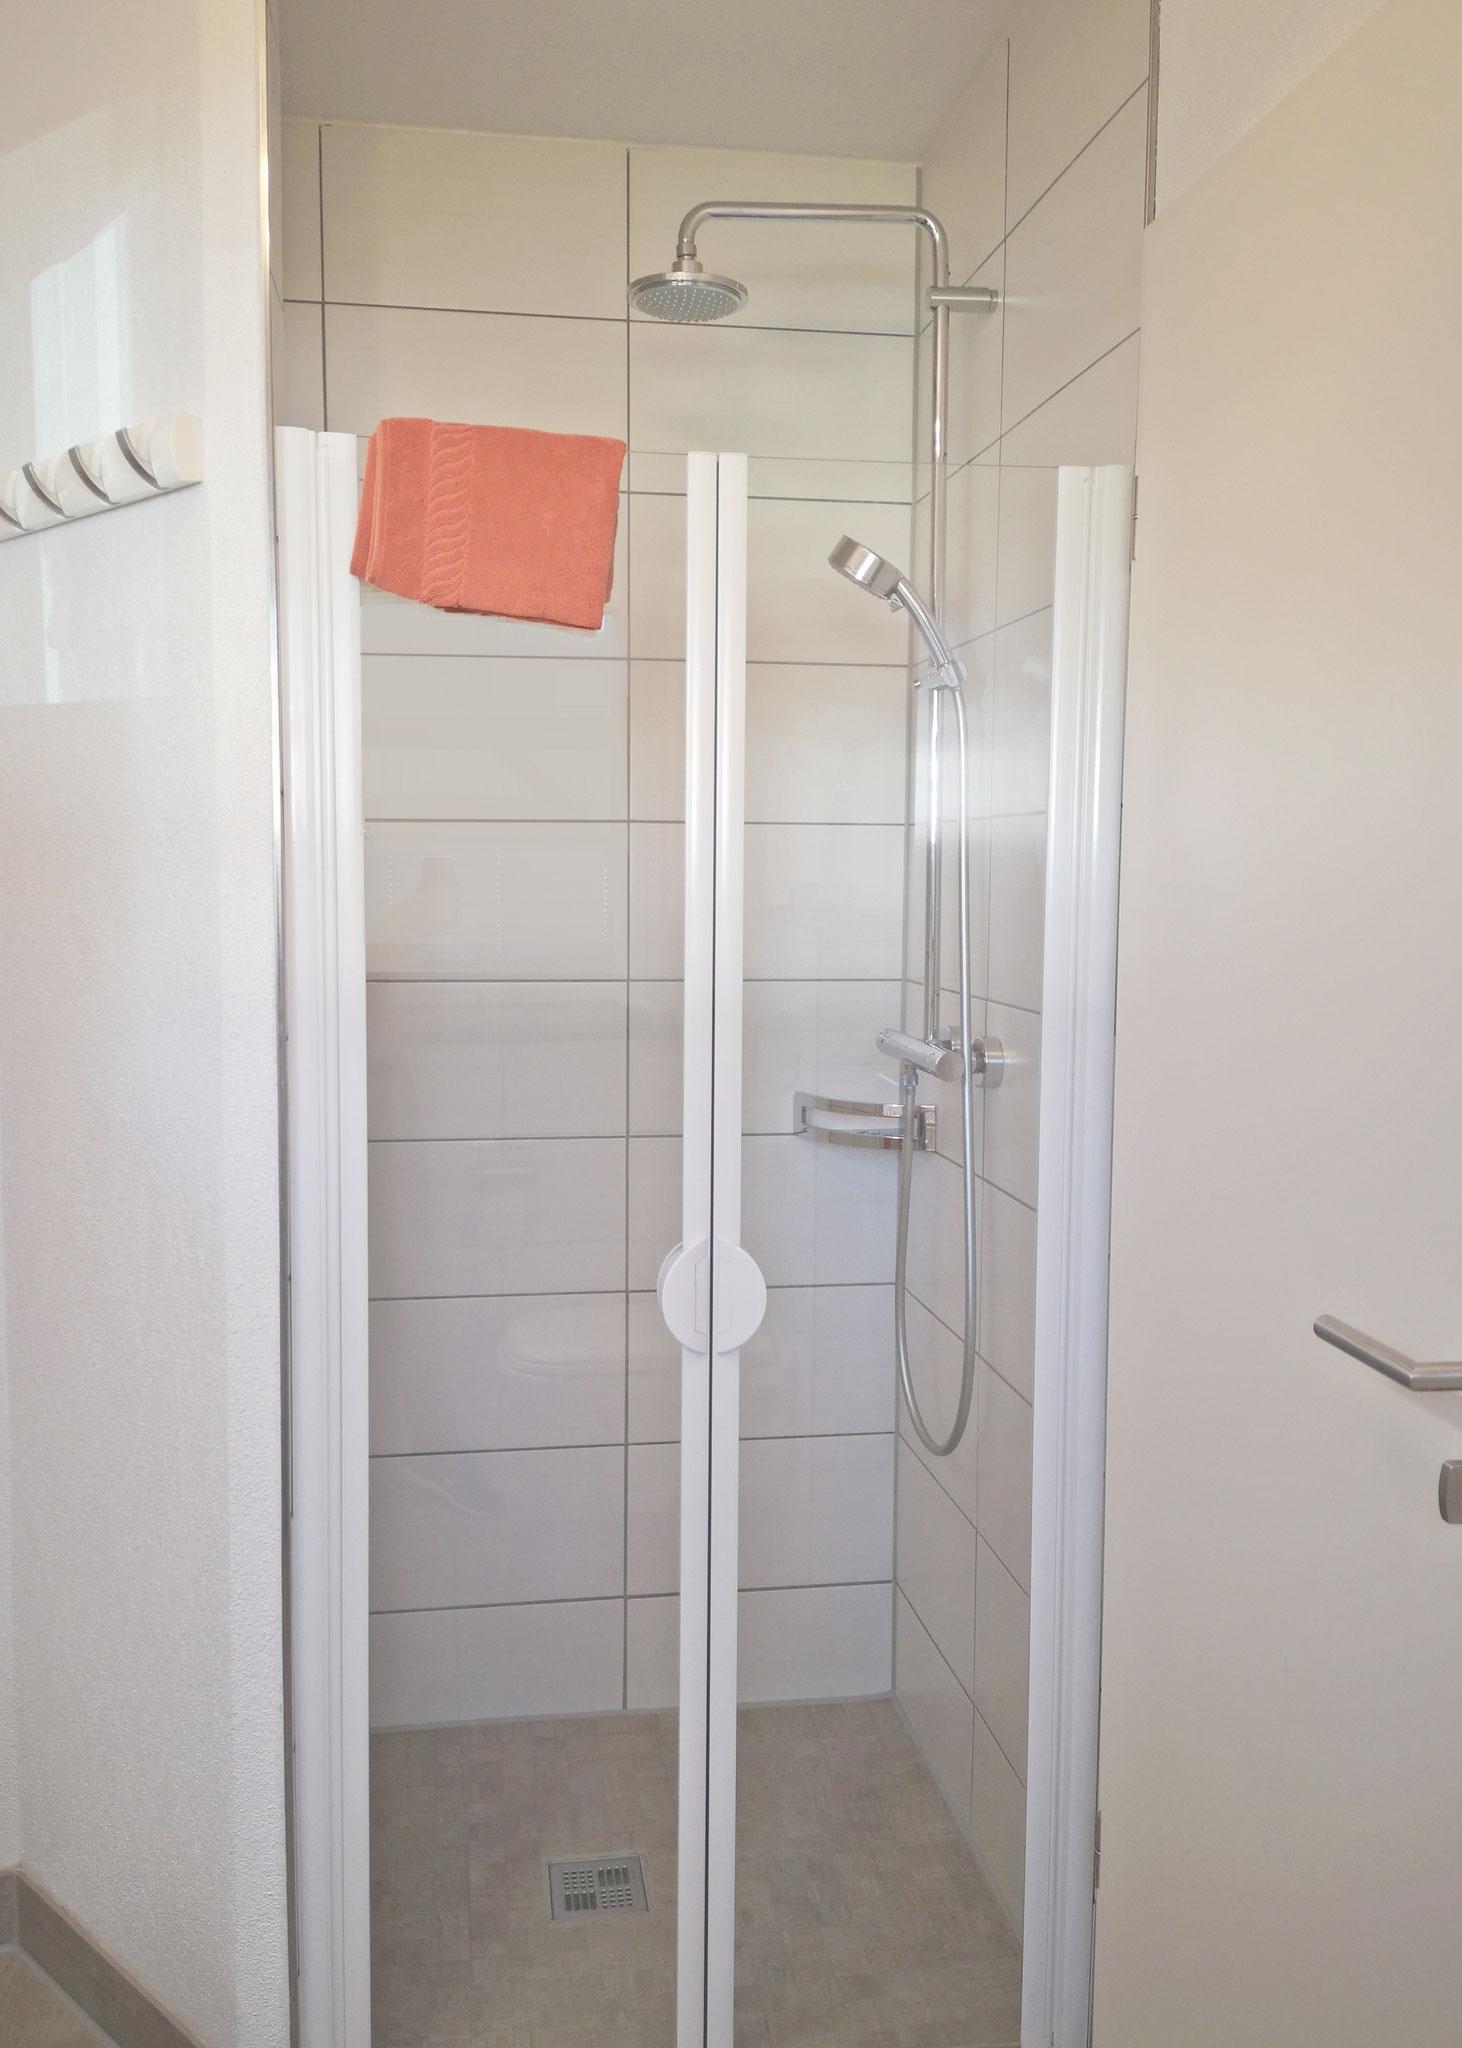 und ebenerdiger Dusche